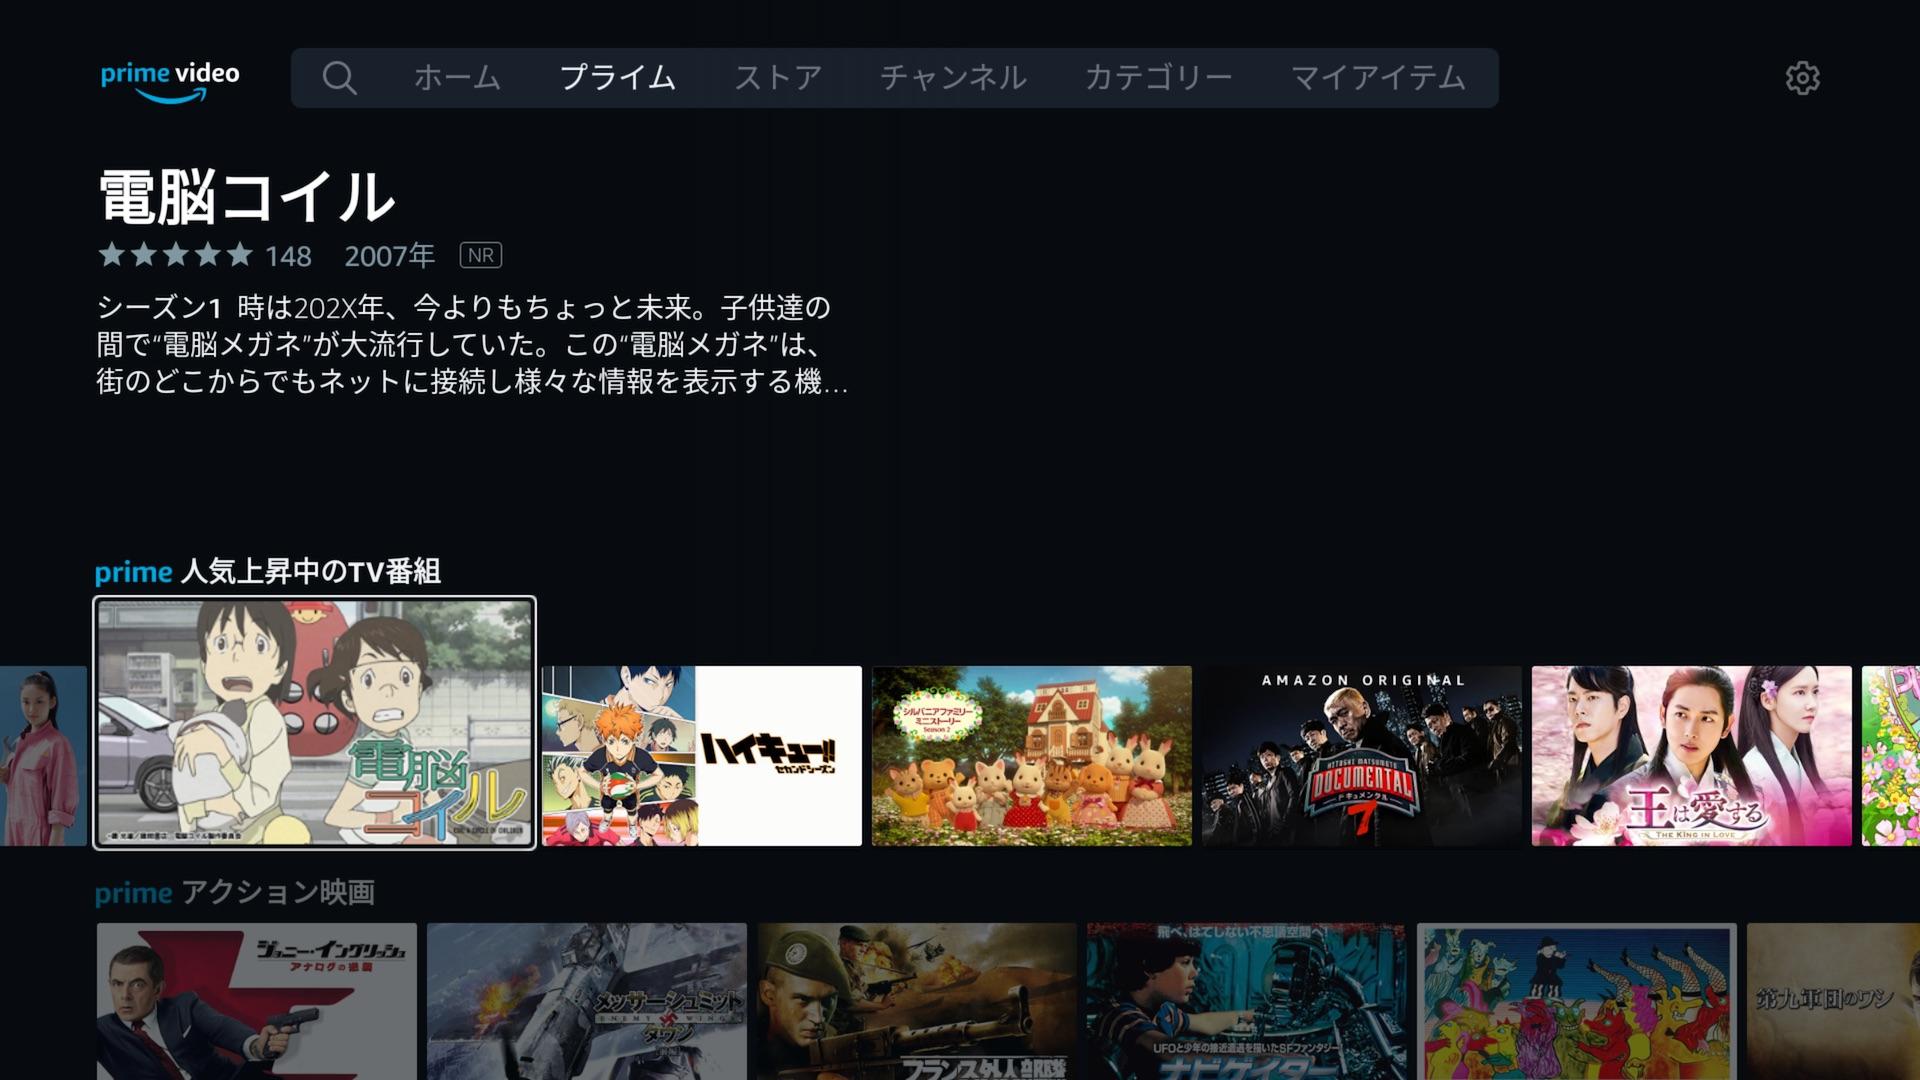 Amazonプライムビデオで見られるおすすめアニメ作品10選 〜「未来少年コナン」から「シンカリオン」まで〜